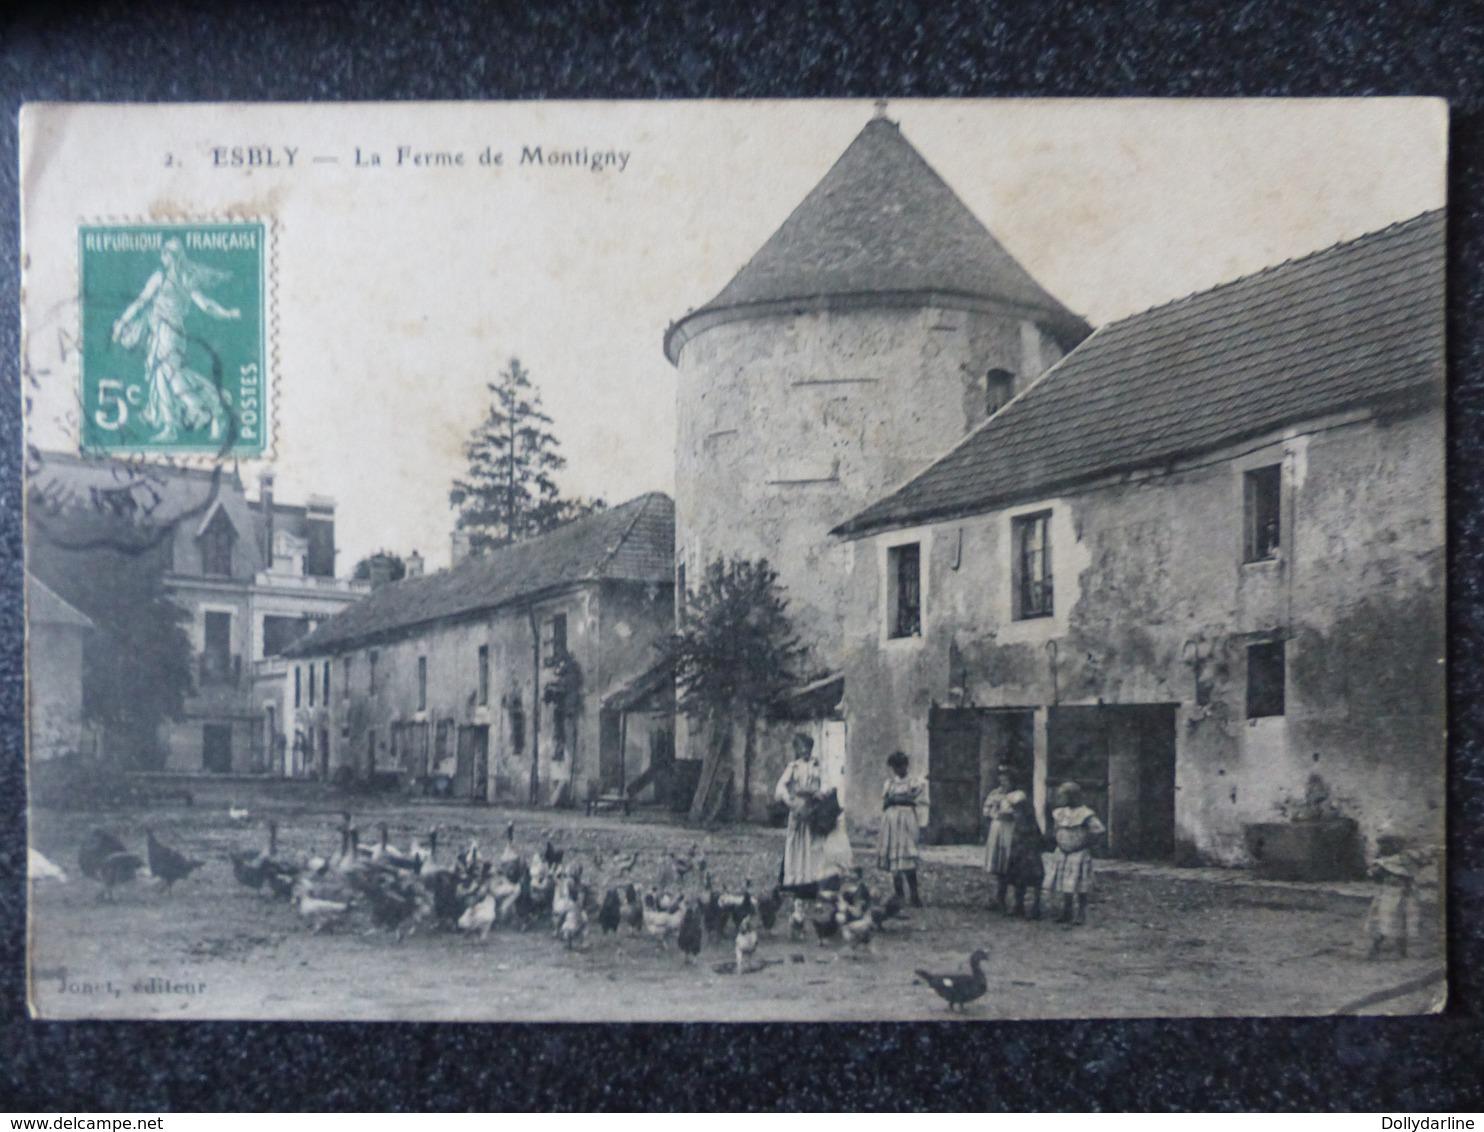 ESBLY La Ferme De Montigny Seine Et Marne Basse Cour Volaille Ecrite Circulée Animée - Esbly